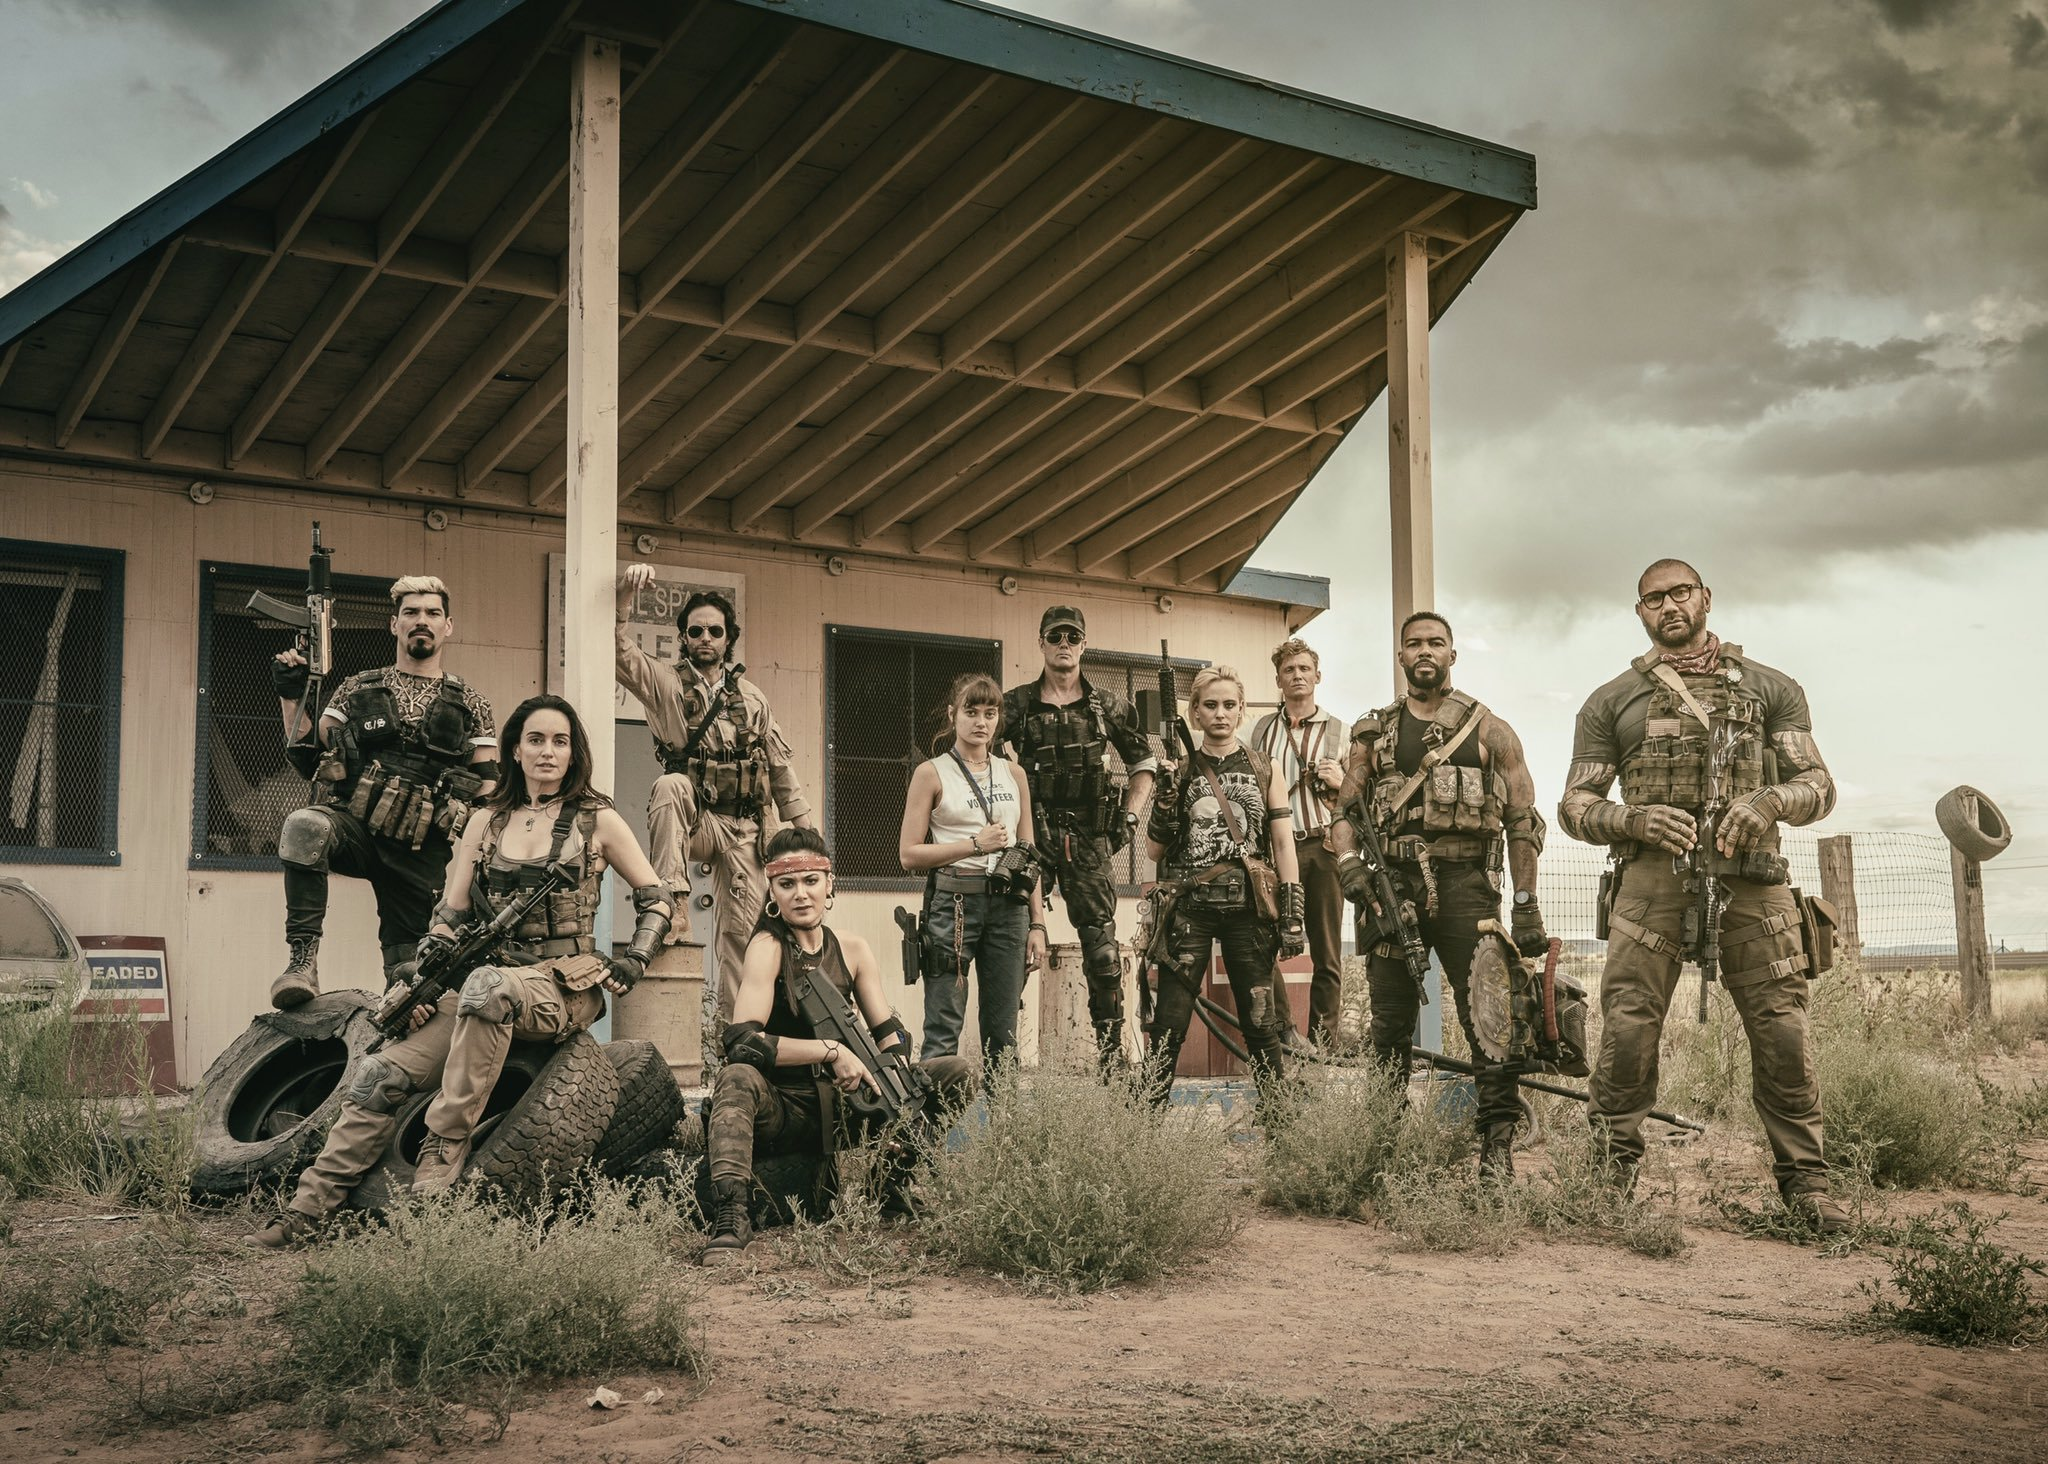 Download Filme Army of the Dead: Invasão em Las Vegas Torrent 2021 Qualidade Hd